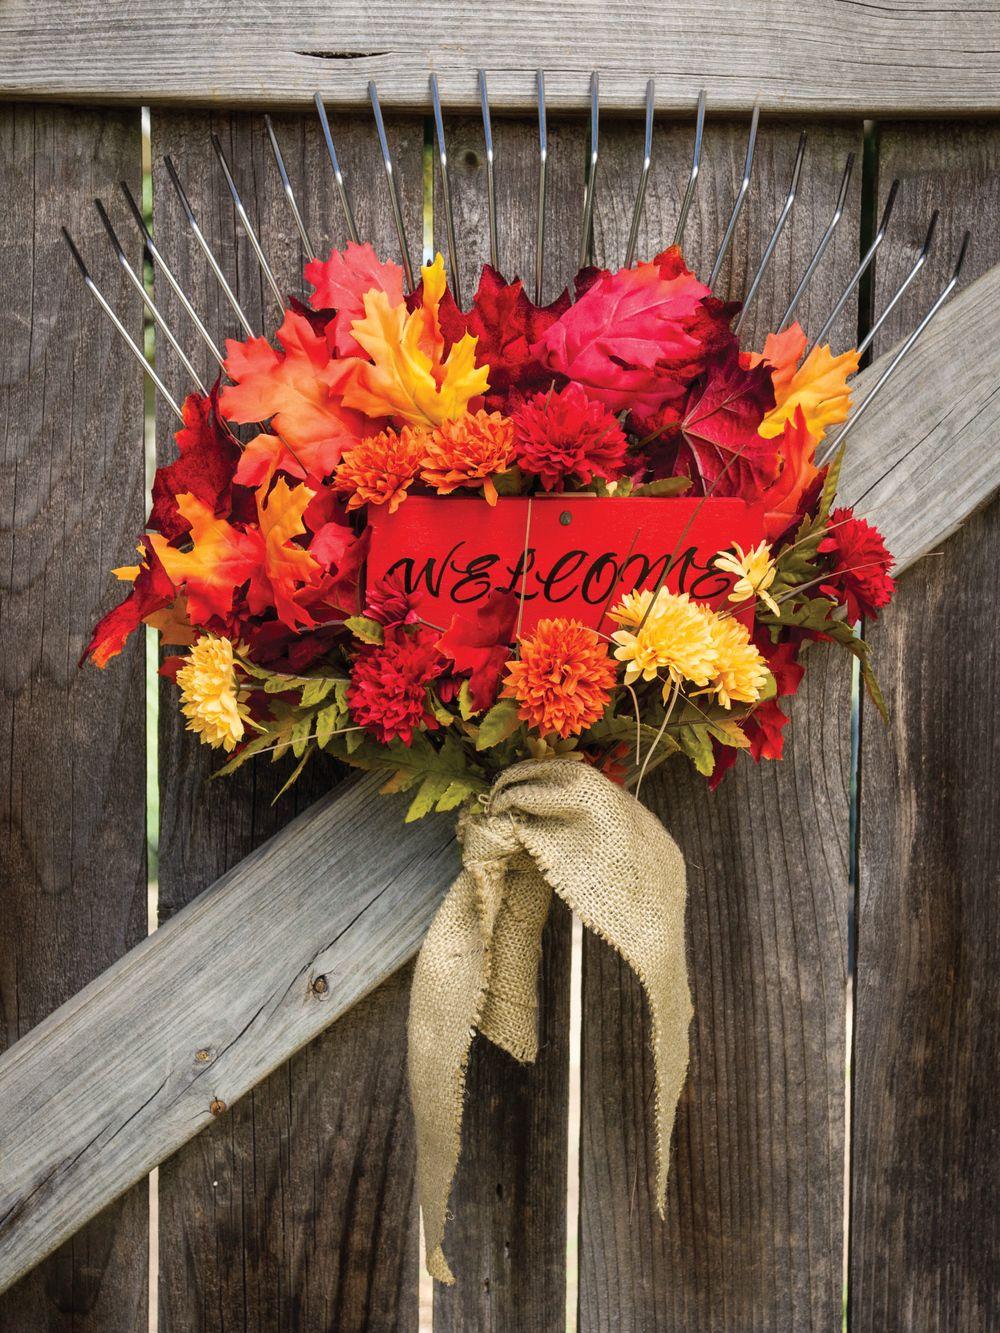 Autumn Garden Gate Decor By Sam Henderson Of Todayu0027s Nest For HGTV Gardens.By  @